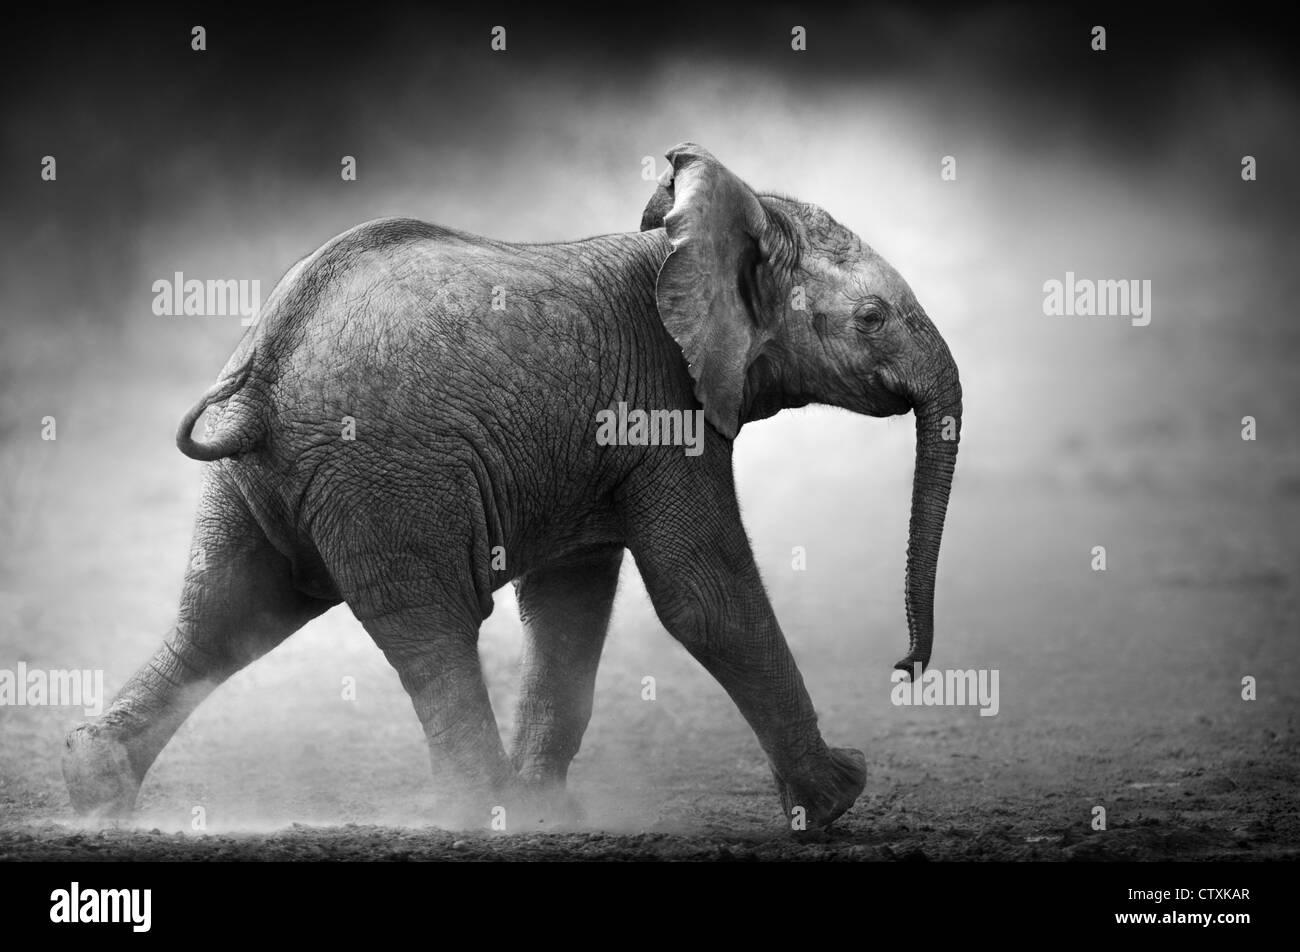 Baby Elephant running in dust (Artistic processing) Etosha National Park - Namibia - Stock Image